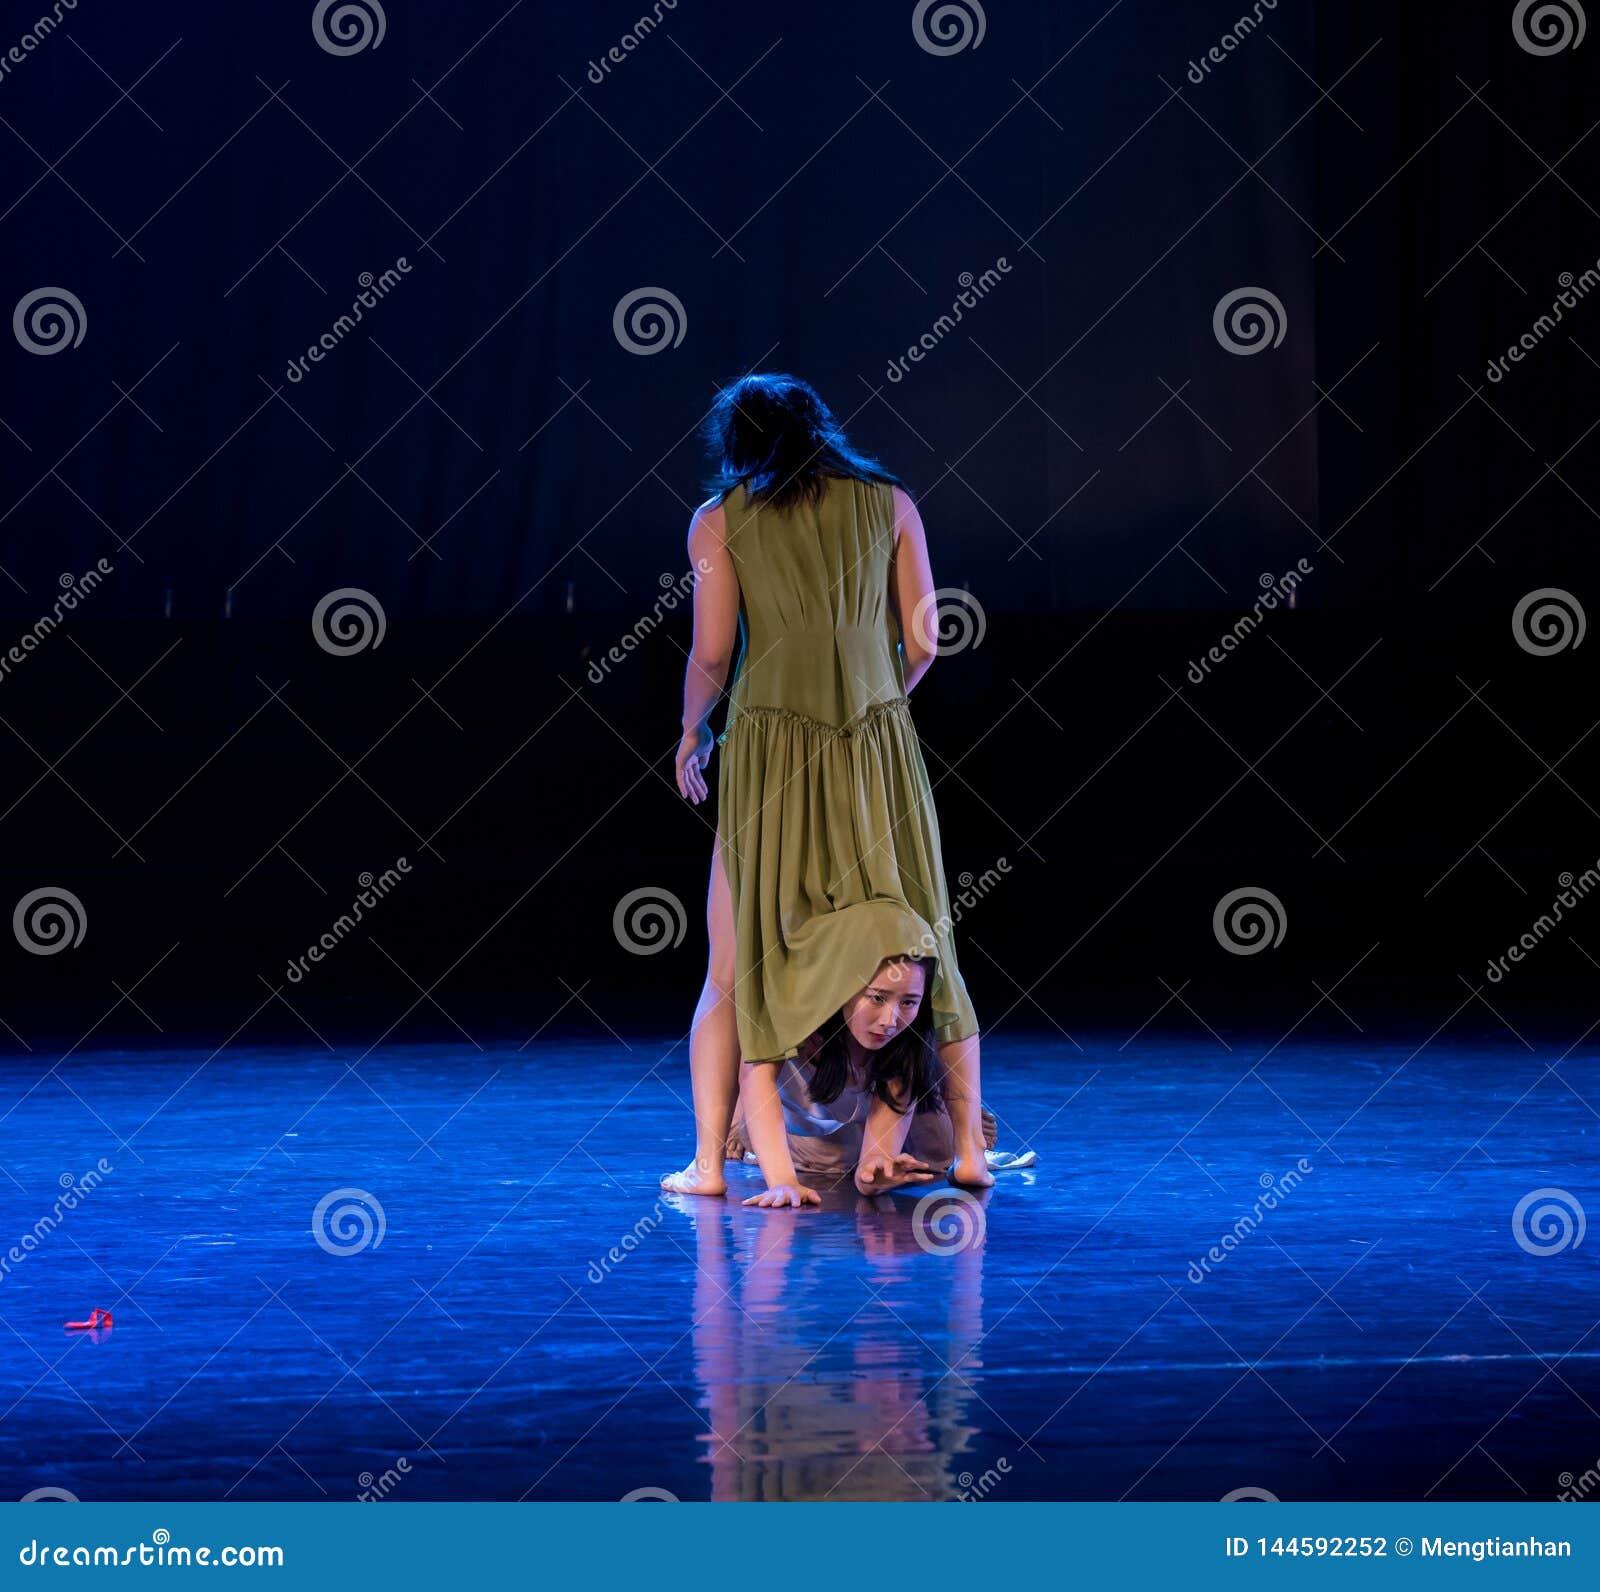 Il combattimento 3-Act 5 delle donne: Nessuna parte per disporre ballo gioventù-moderno Dreamlan